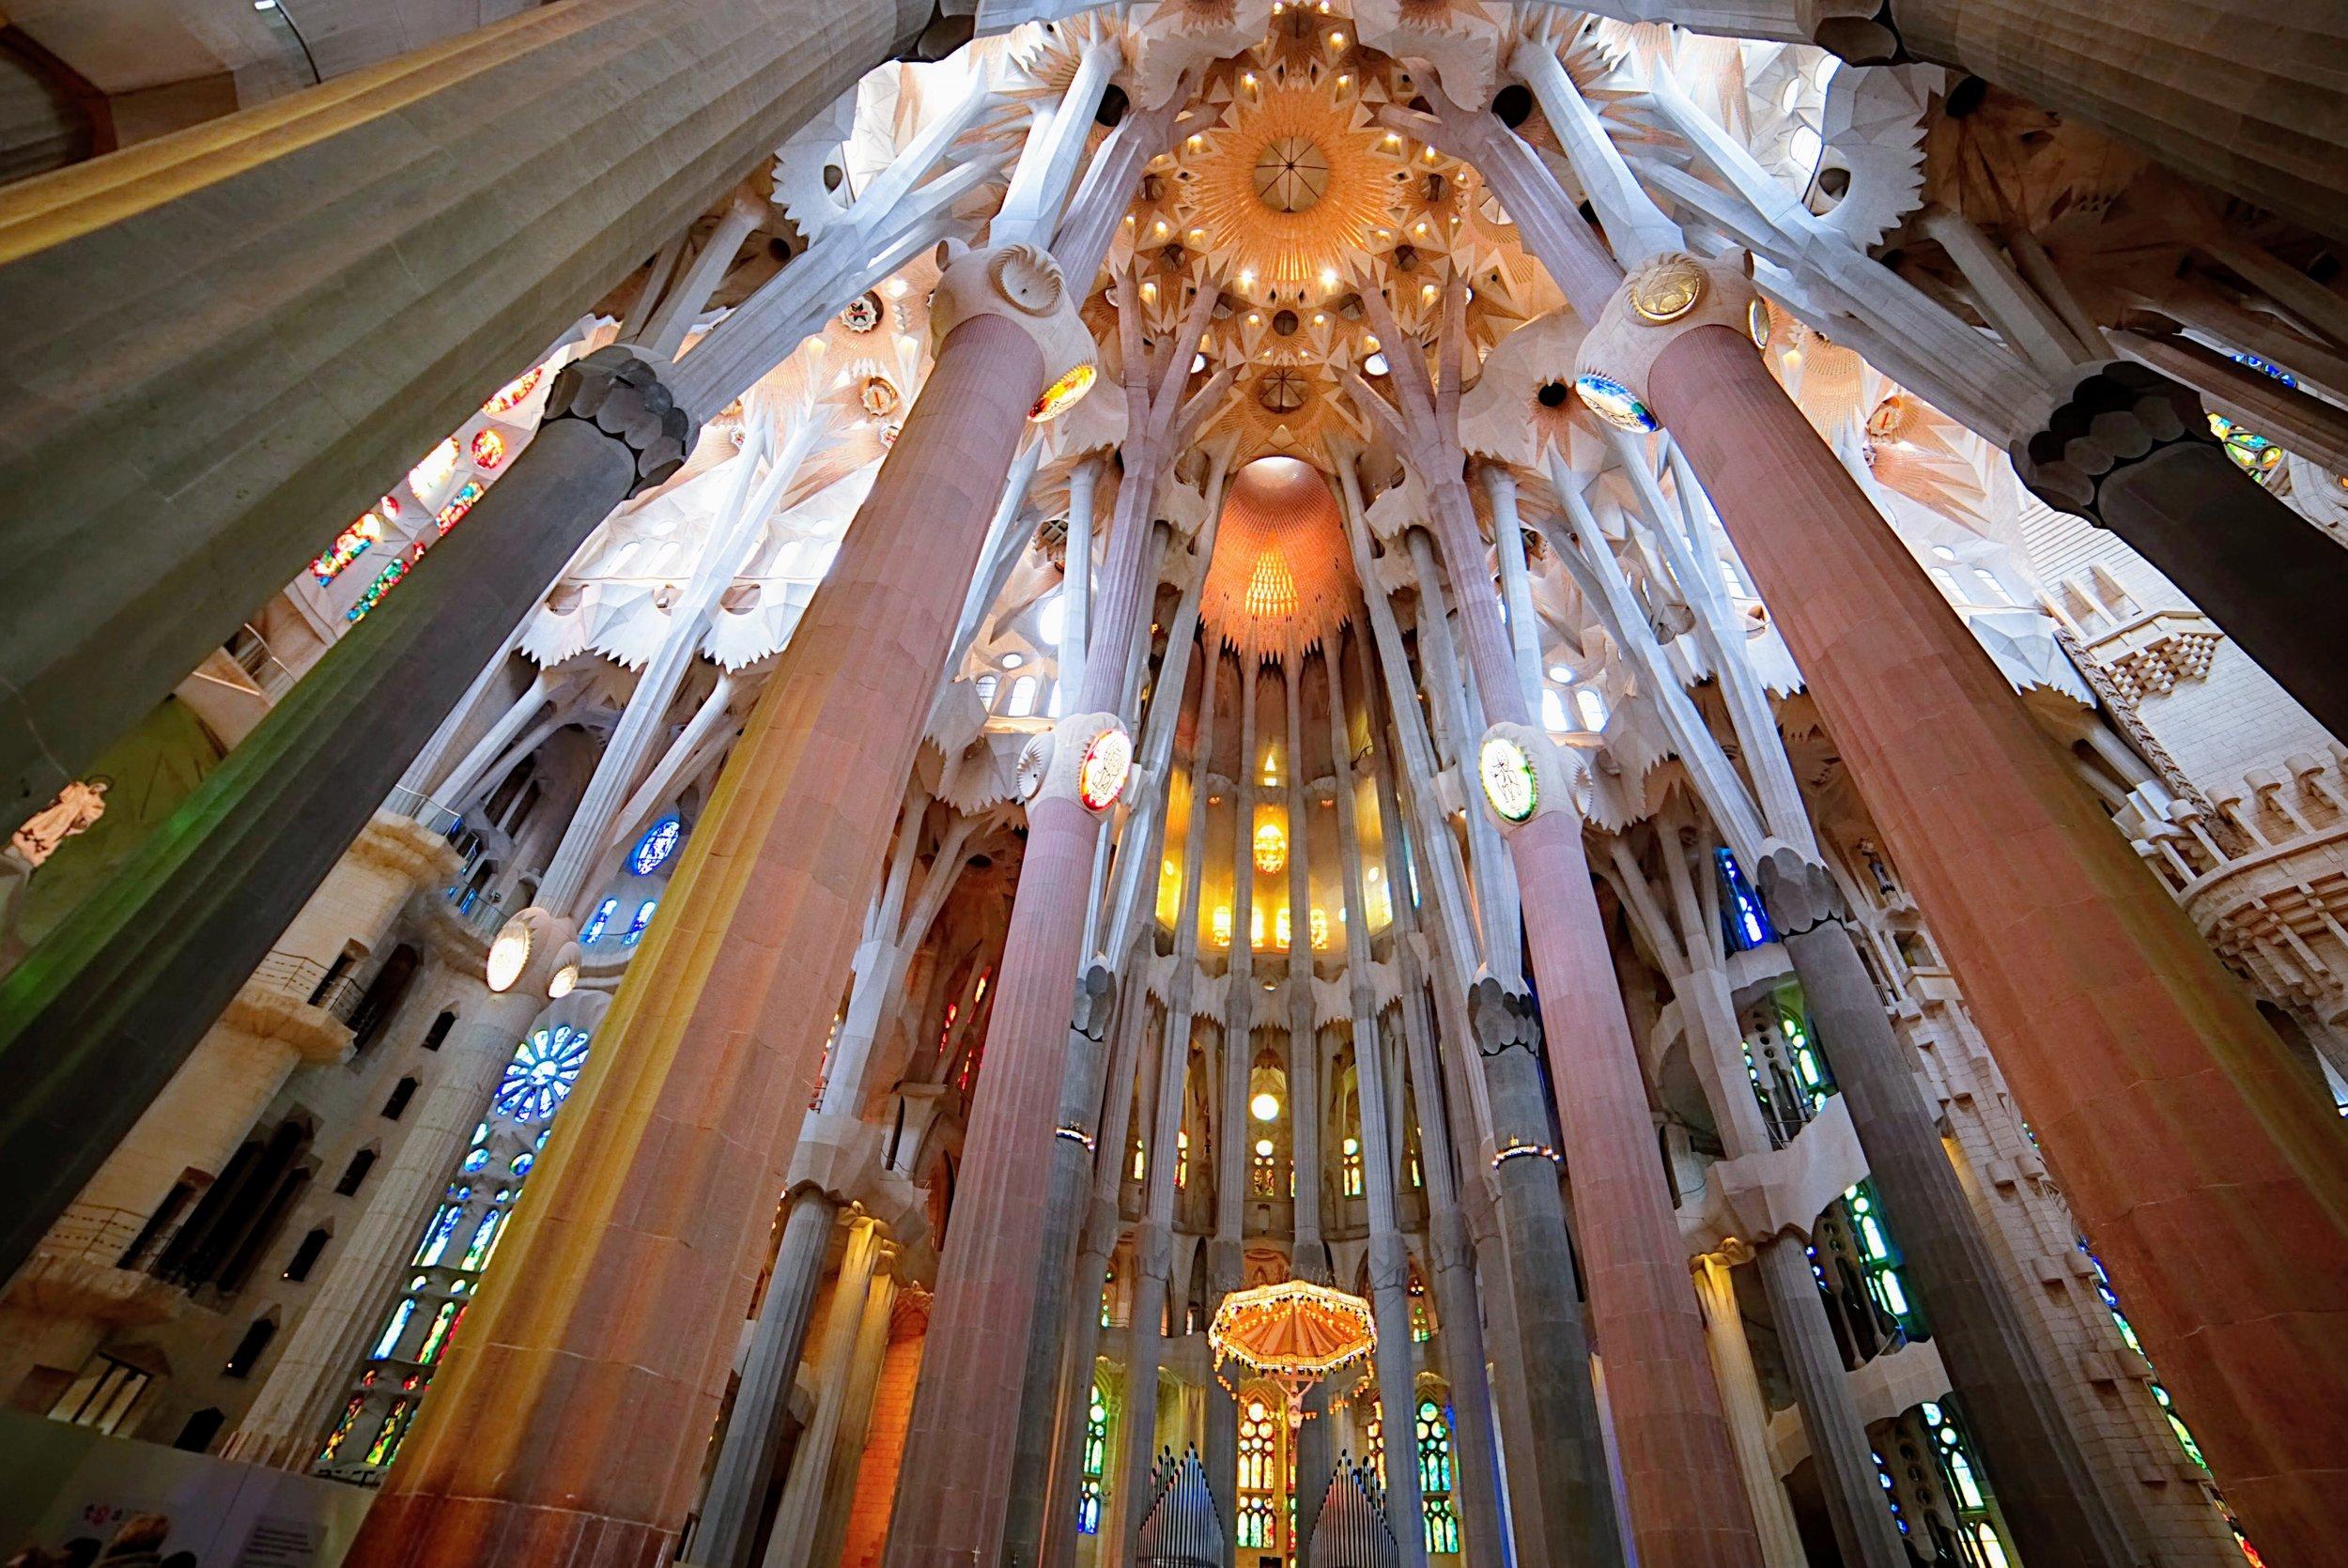 The interior of Sagrada Familia